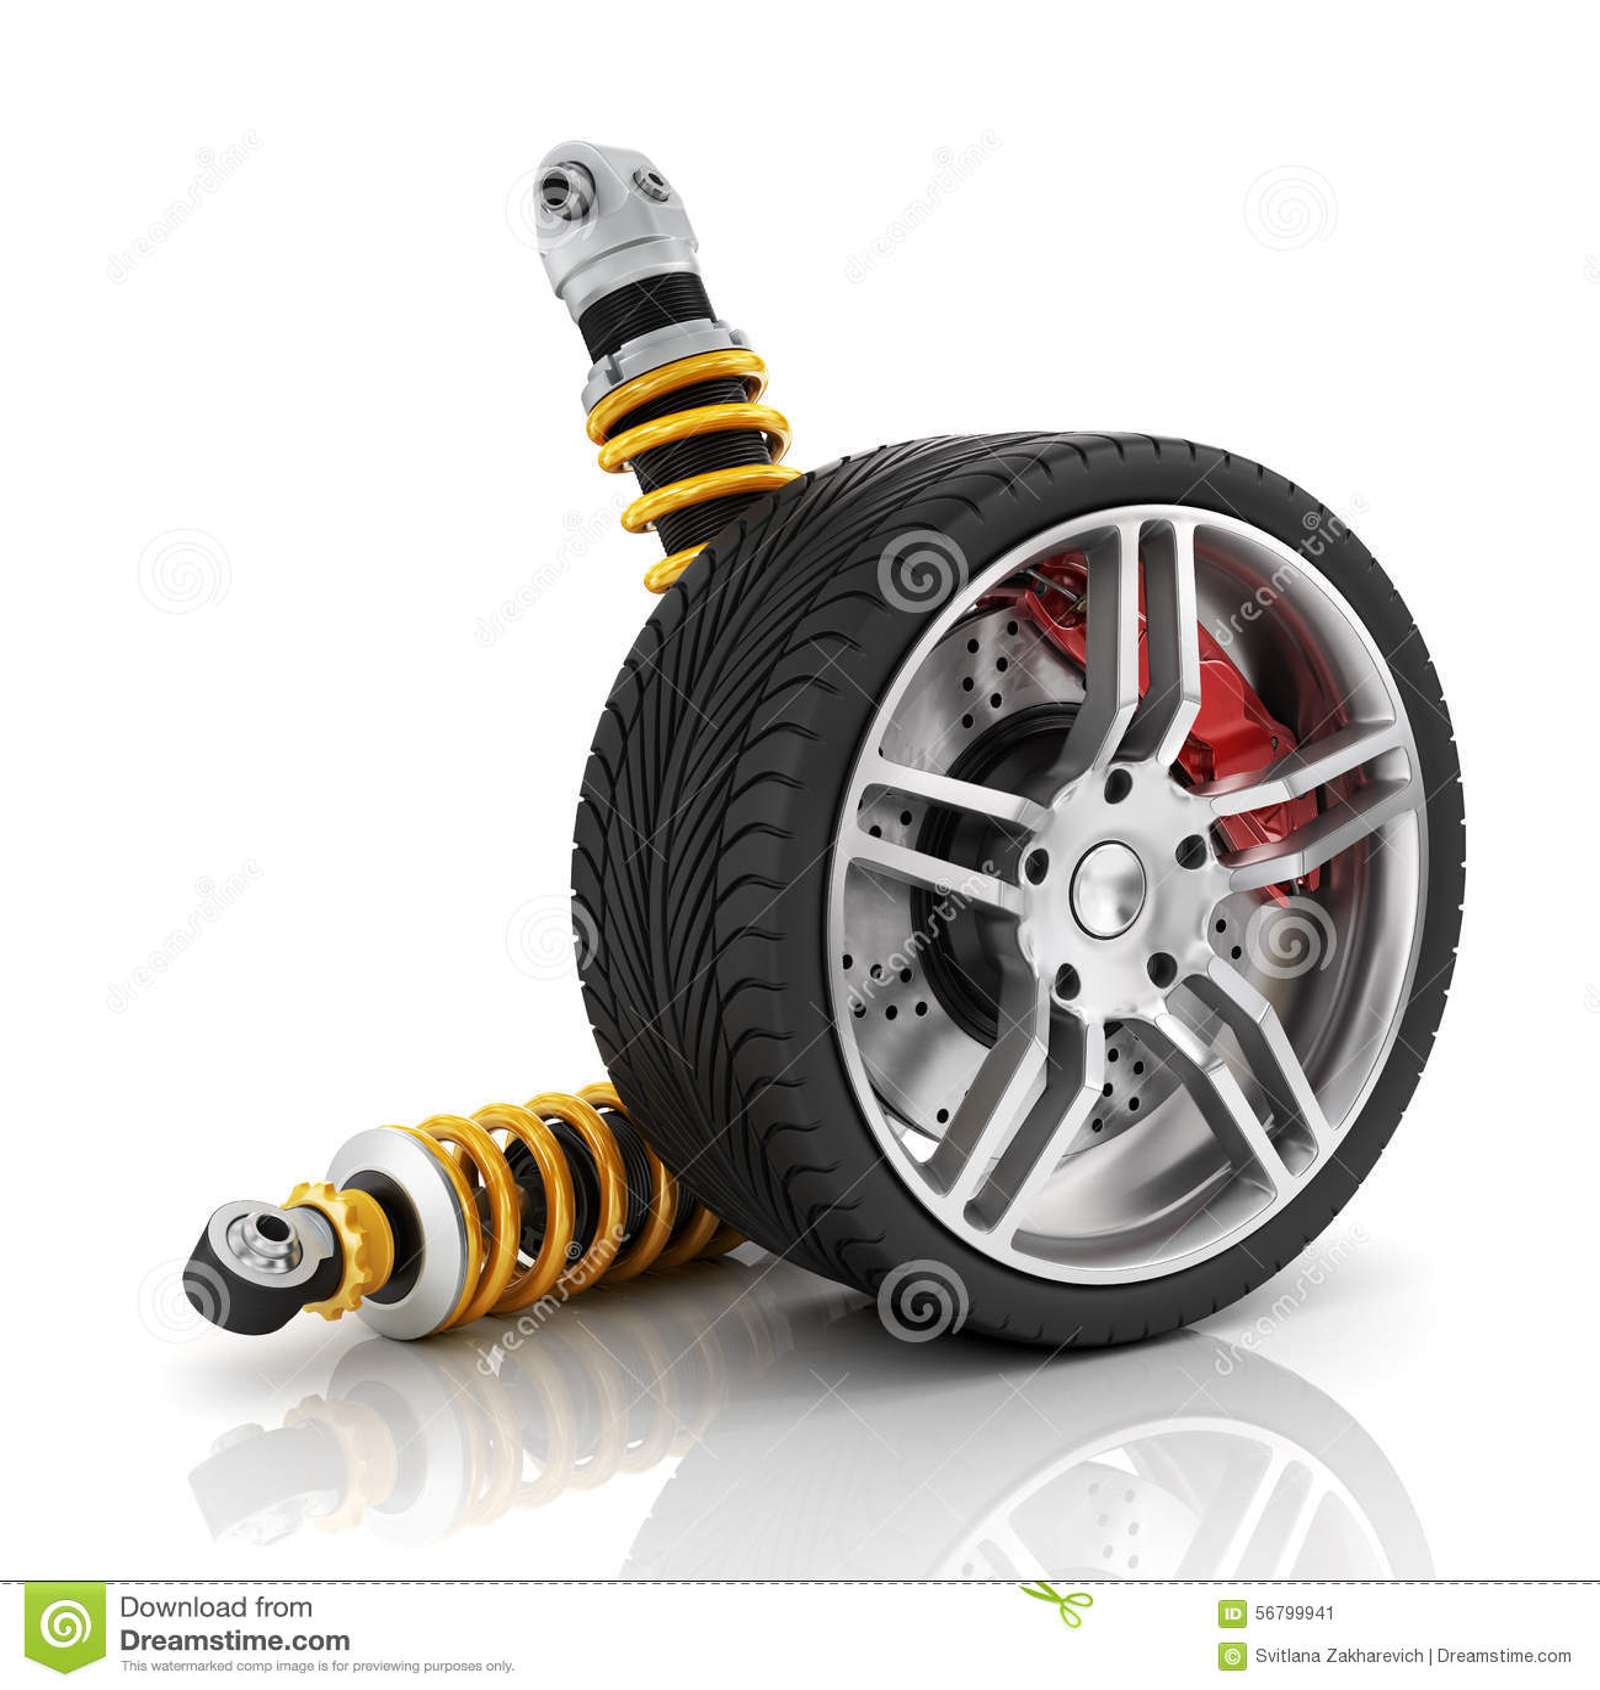 Autowiel met remmen, absorptievaten, banden en randen